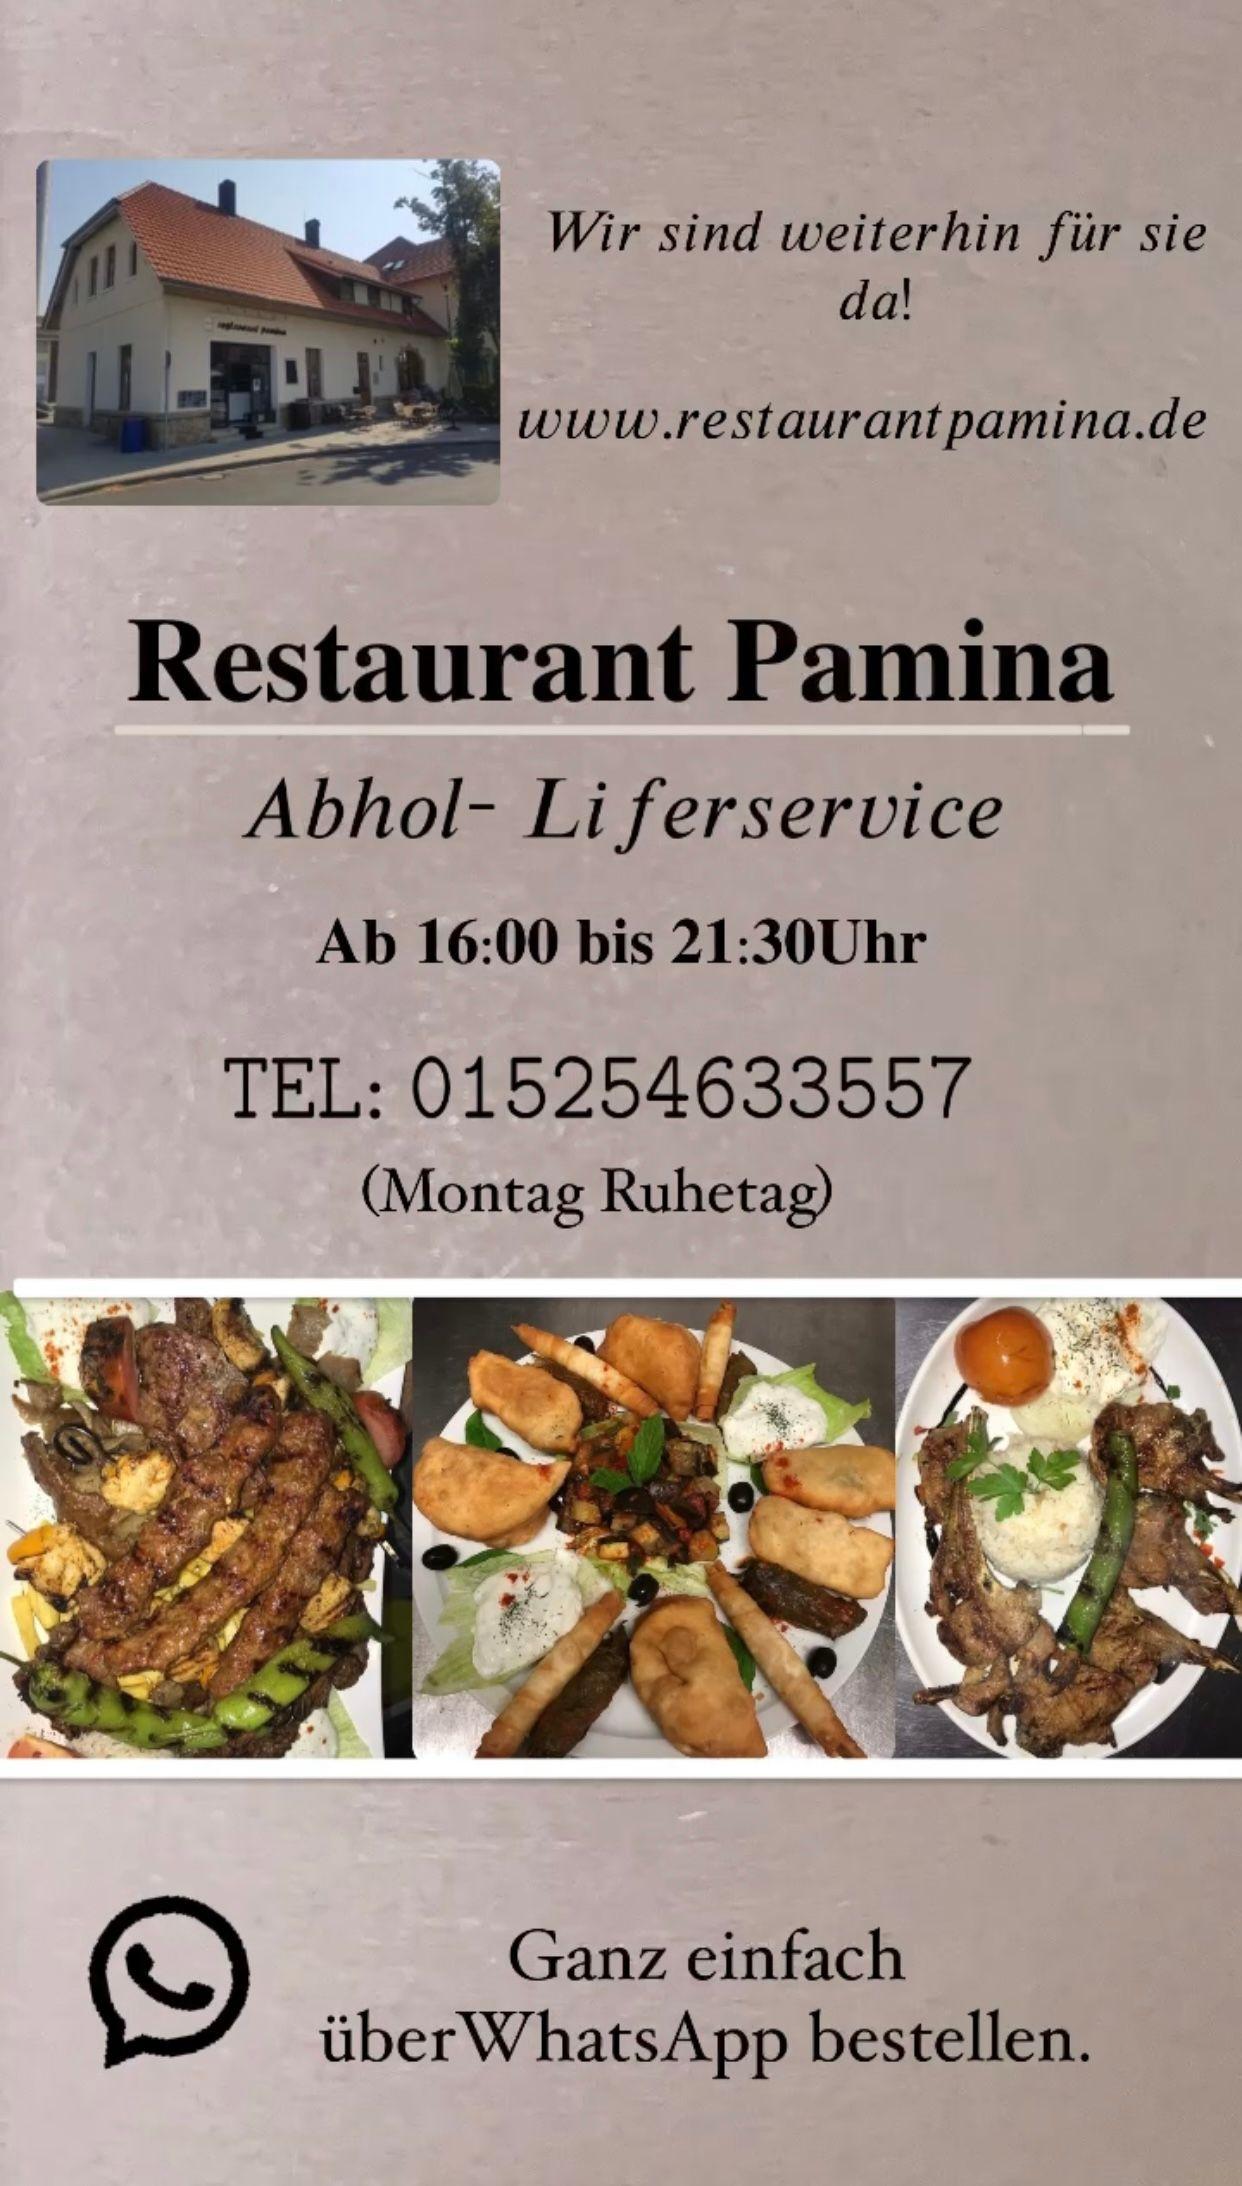 Restaurant Pamina in Bildern